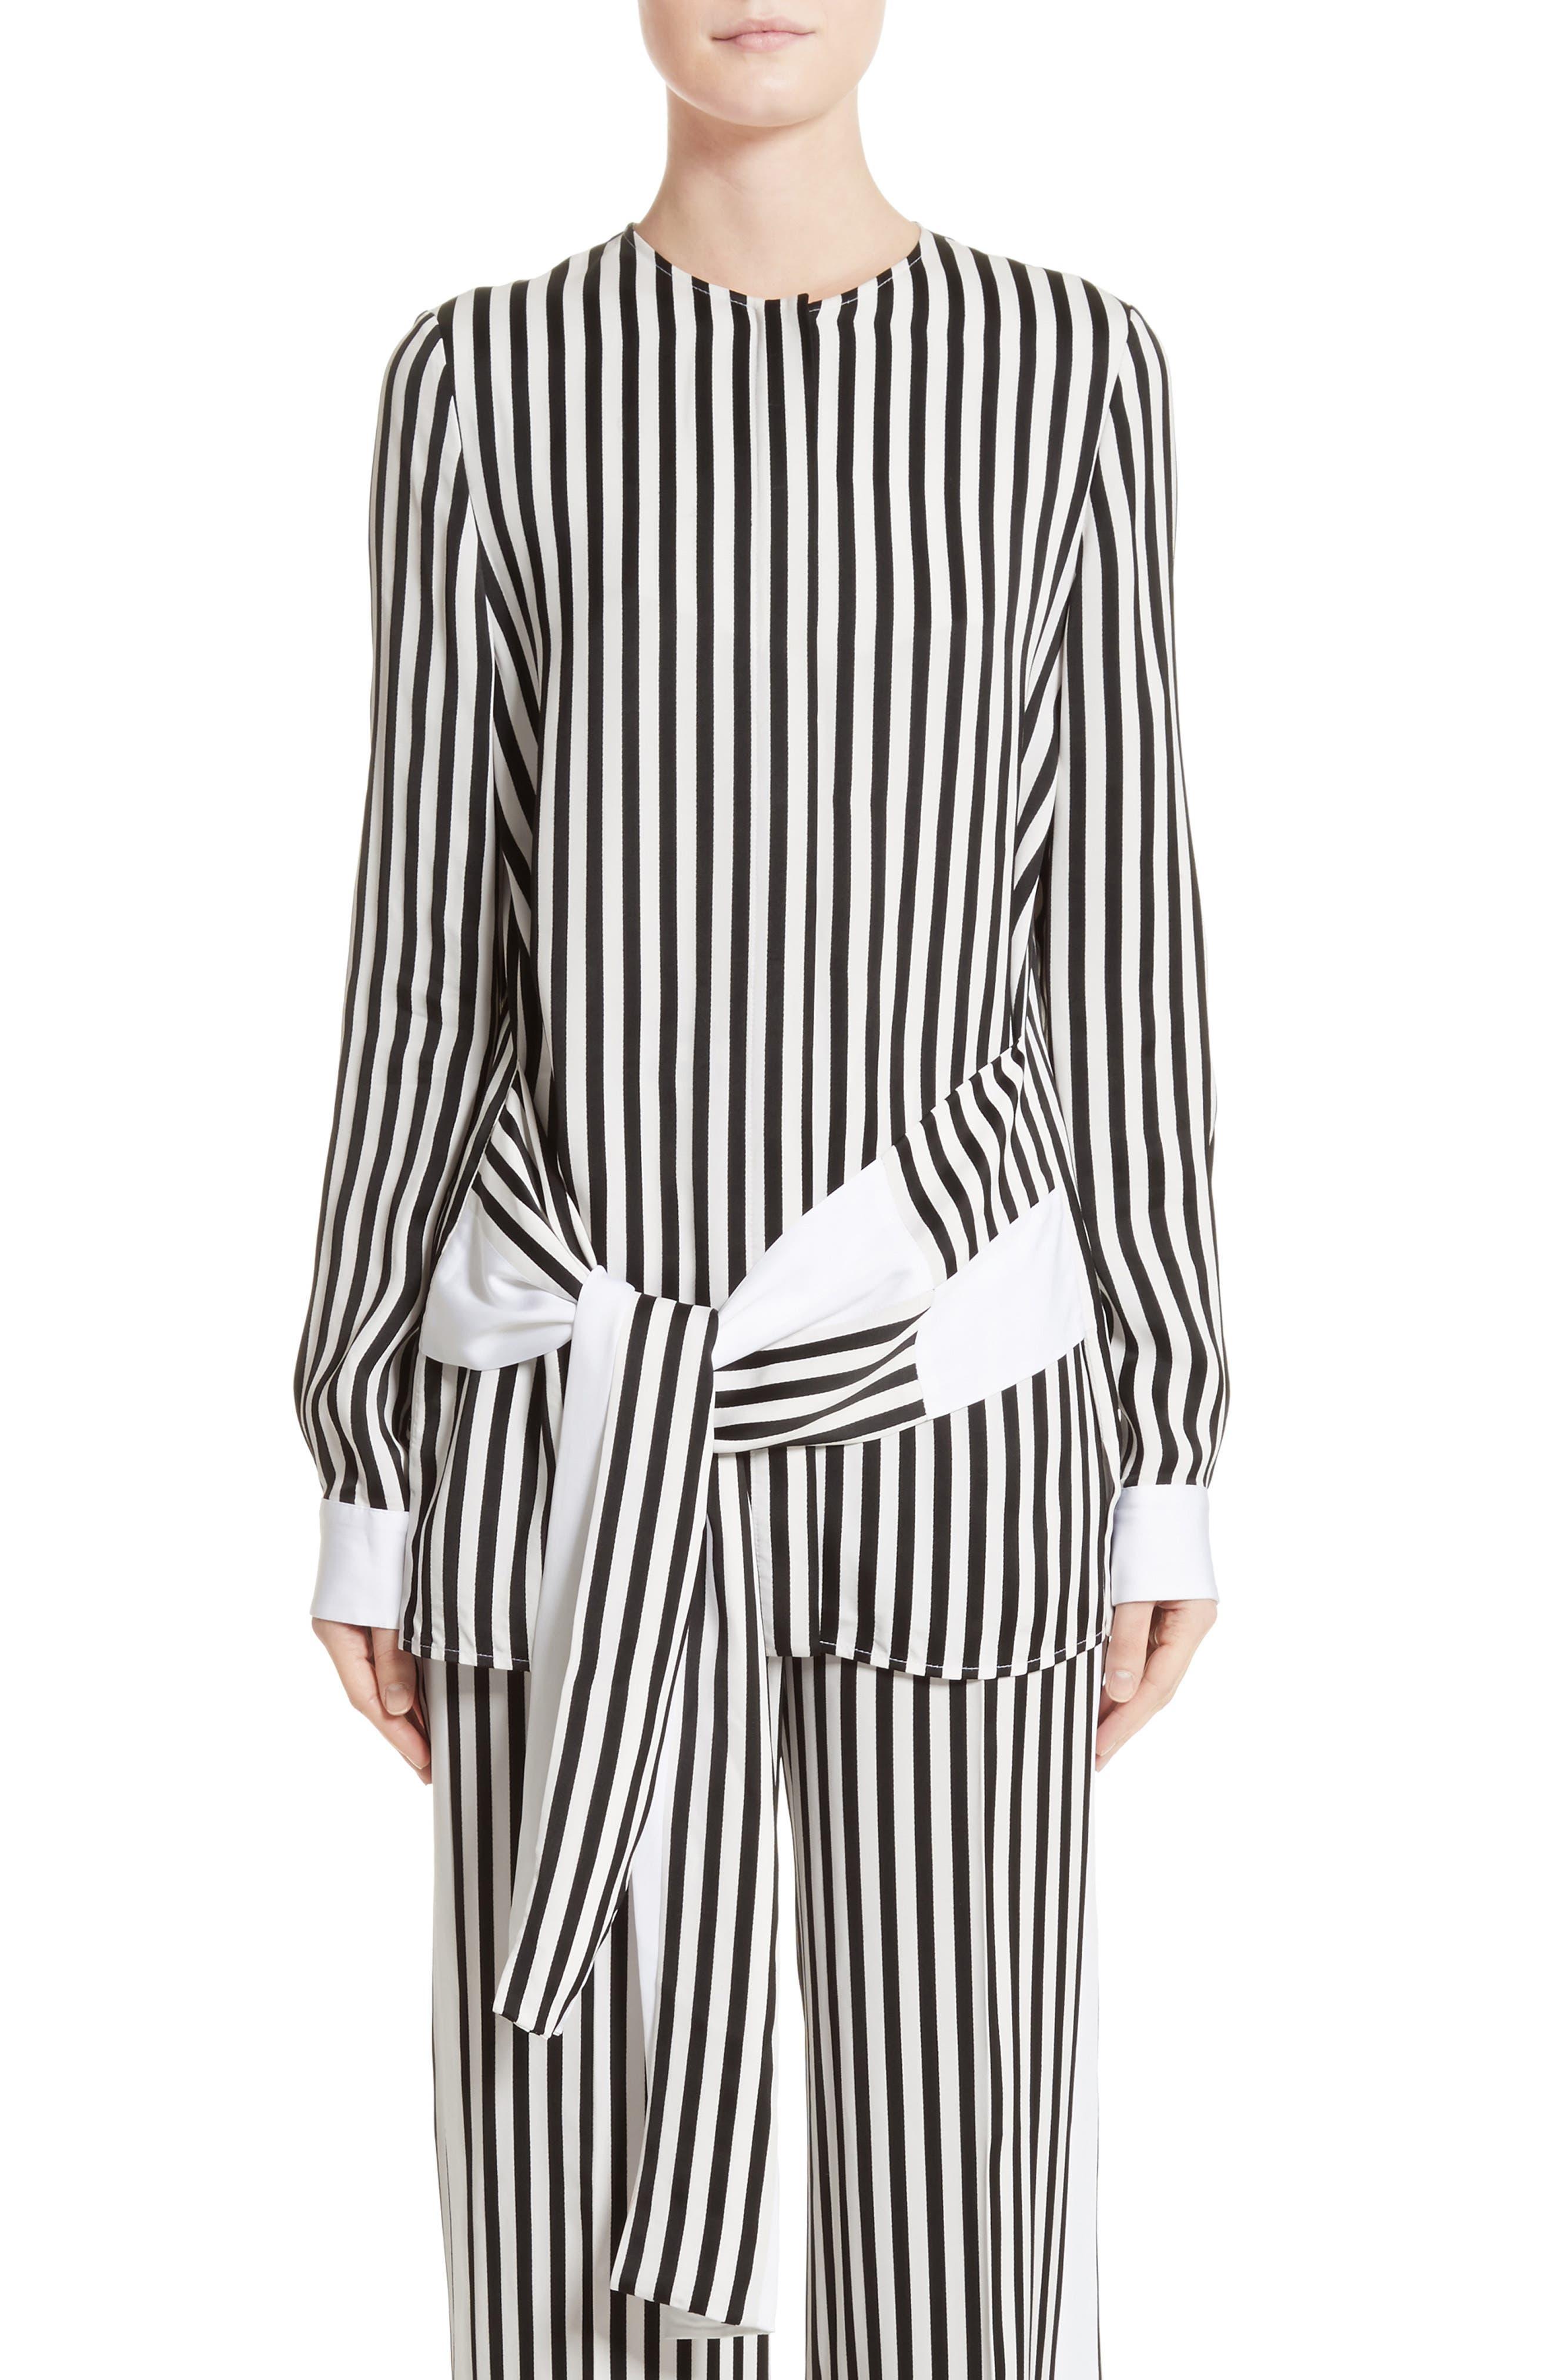 Stripe Tie Waist Blouse,                         Main,                         color, Black/ White